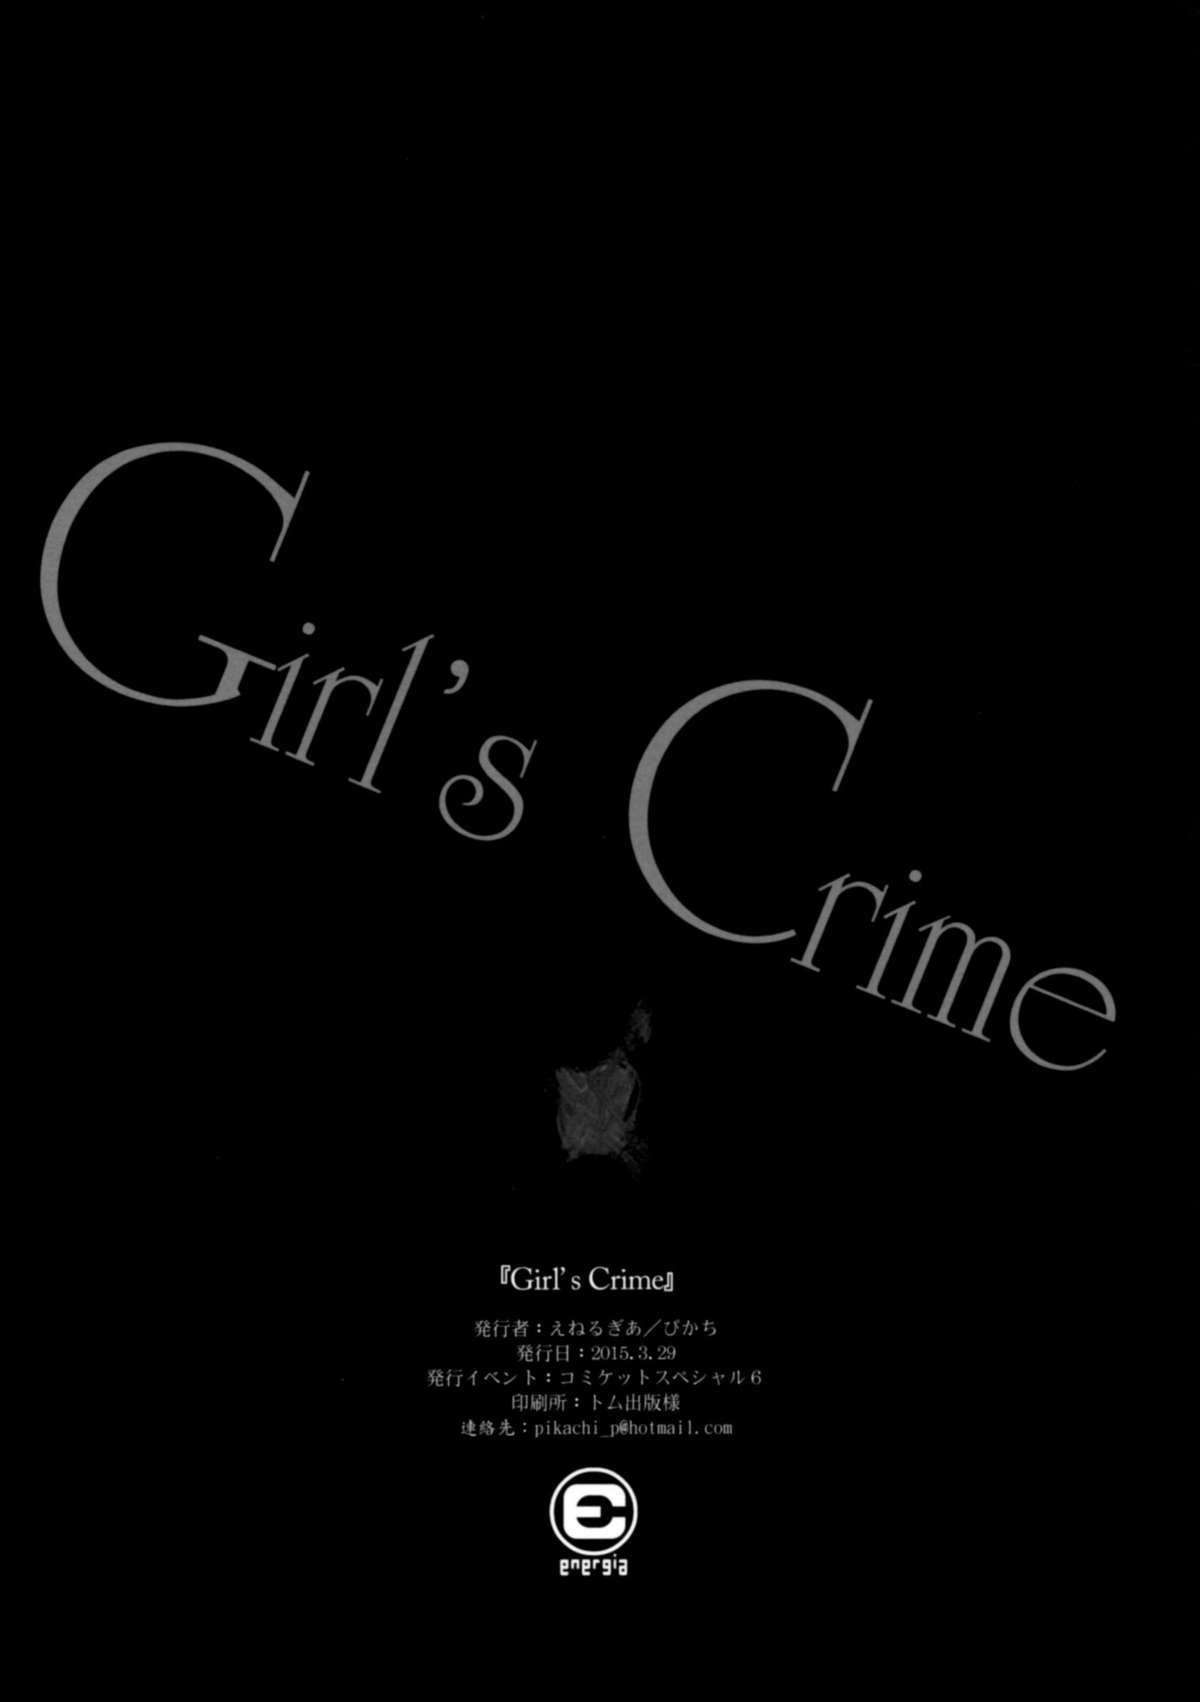 Girl's Crime 42